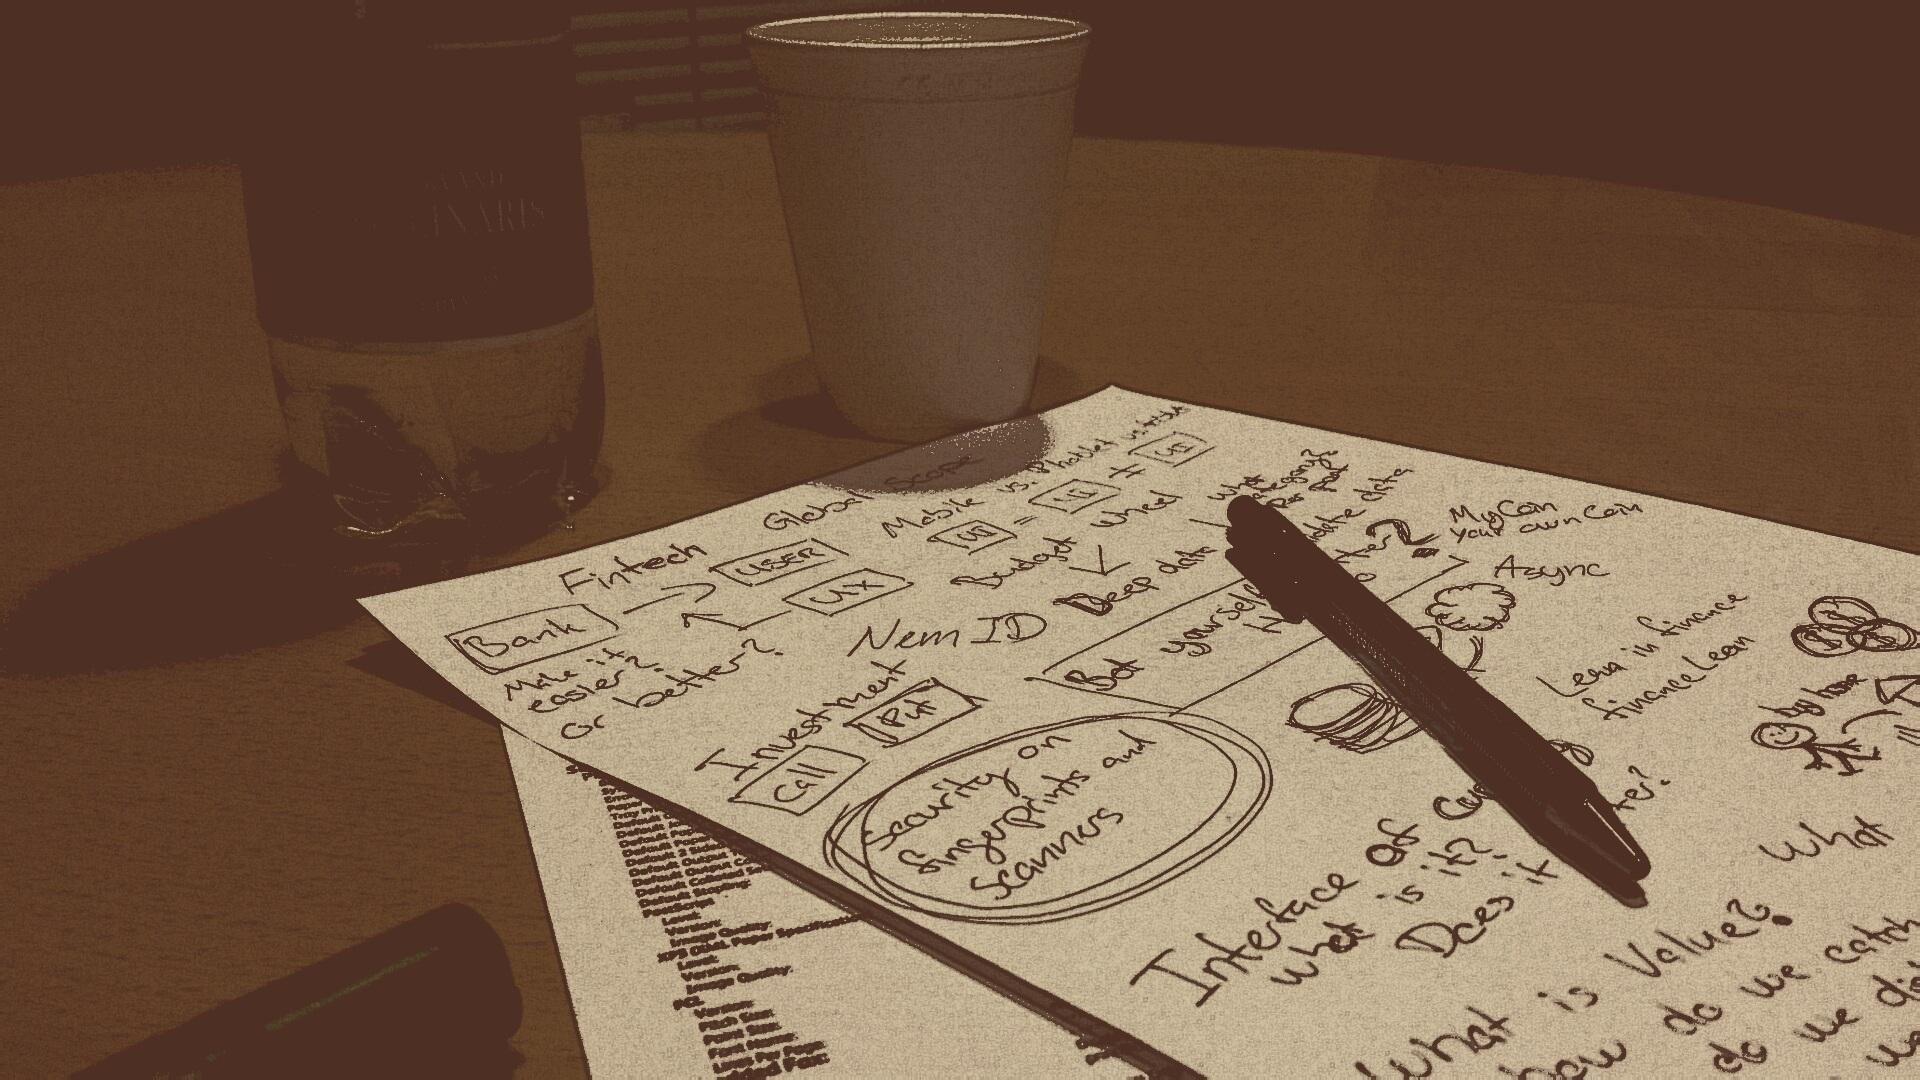 Kostenlose foto : Schreiben, Tabelle, Holz, Stift, Tasse, Muster ...